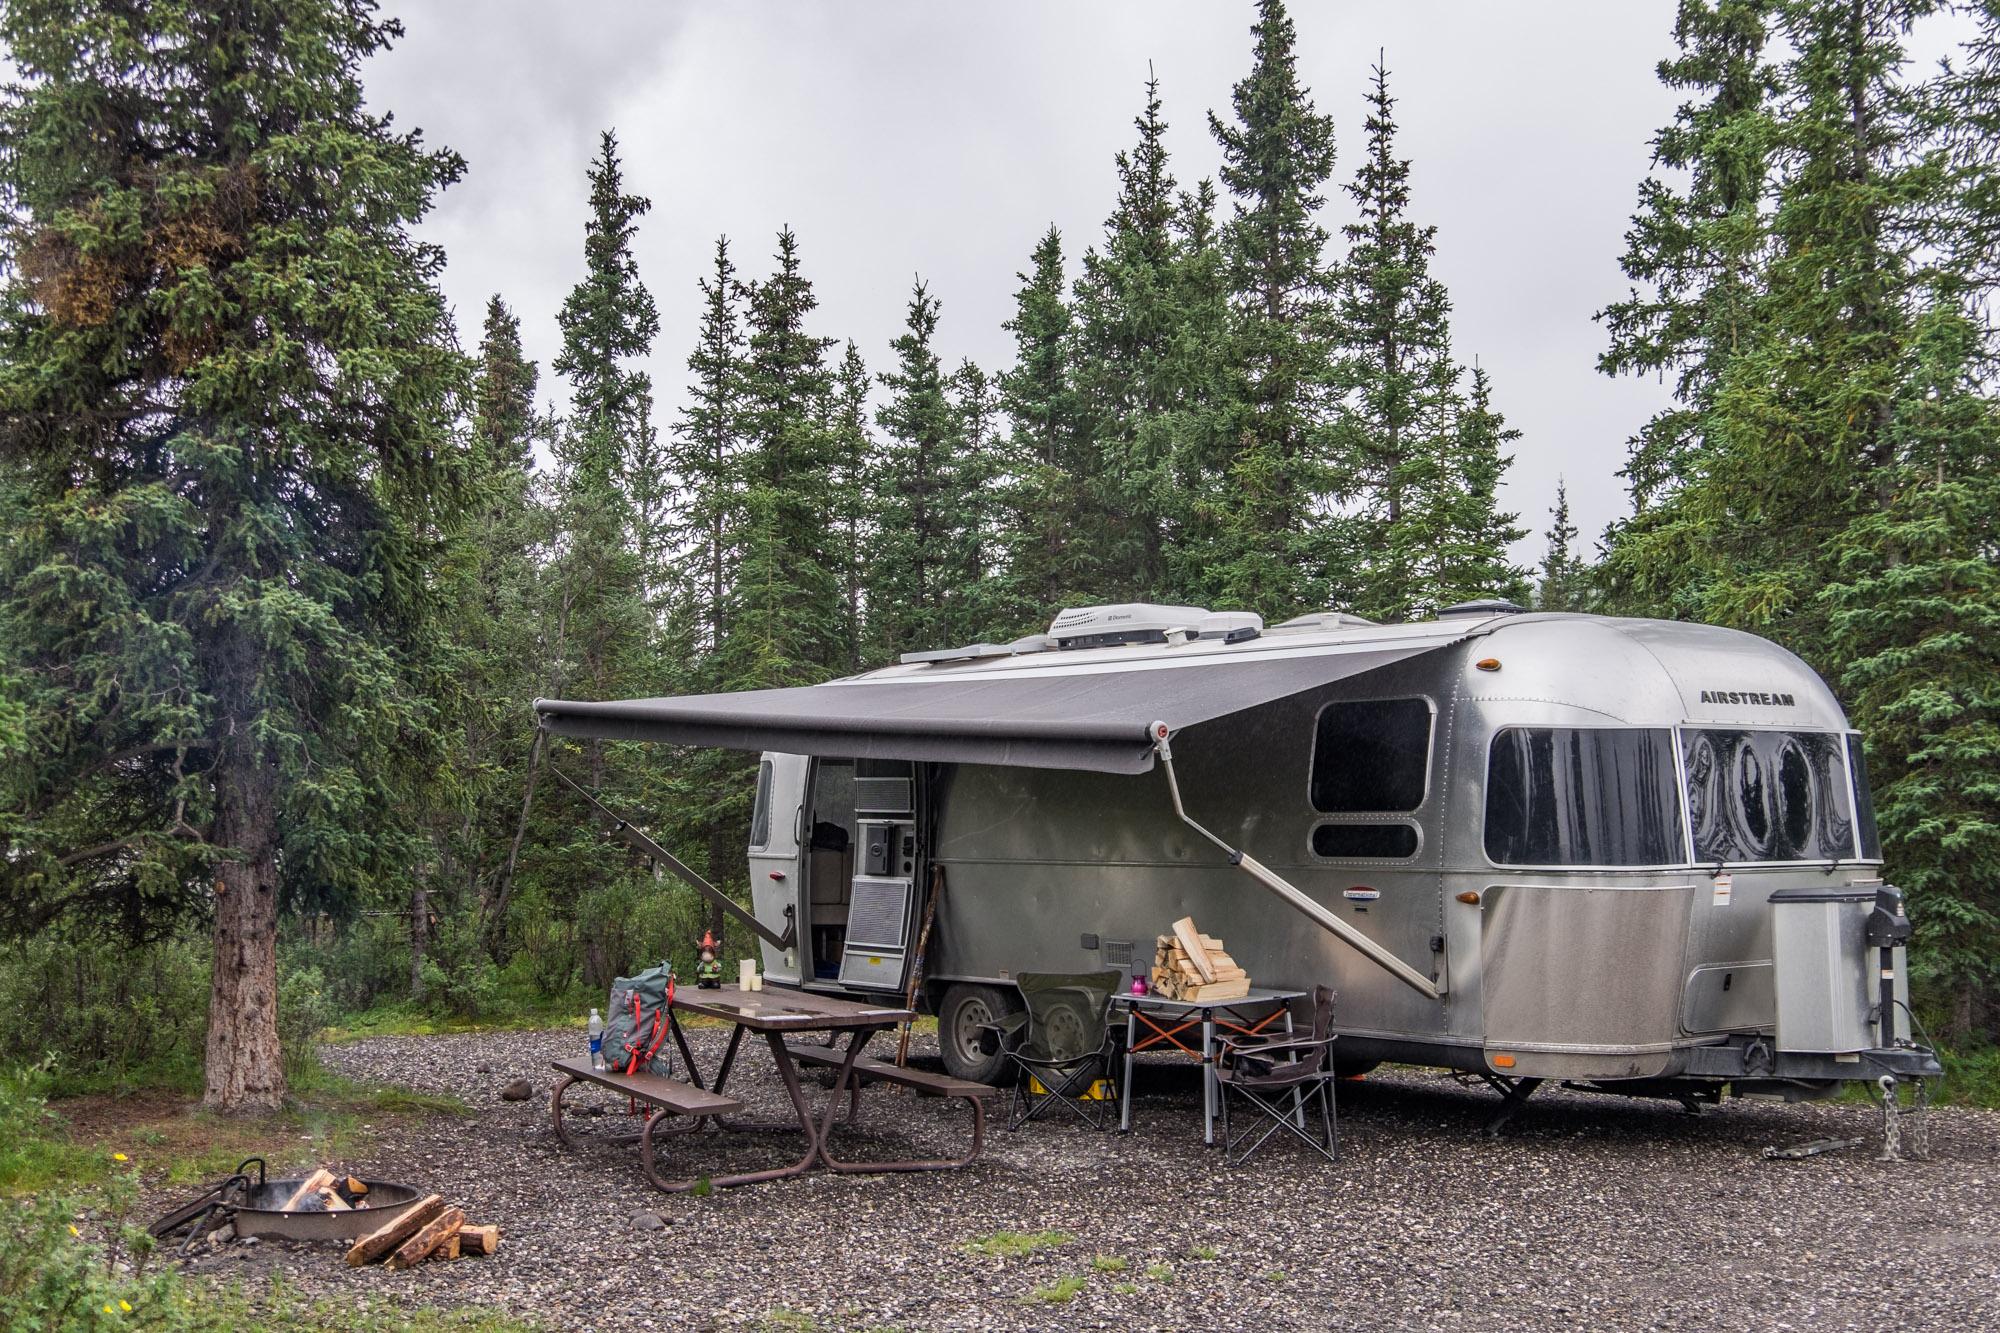 Wally in Denali! Camping at the Teklanika campground in Denali National Park, Alaska.